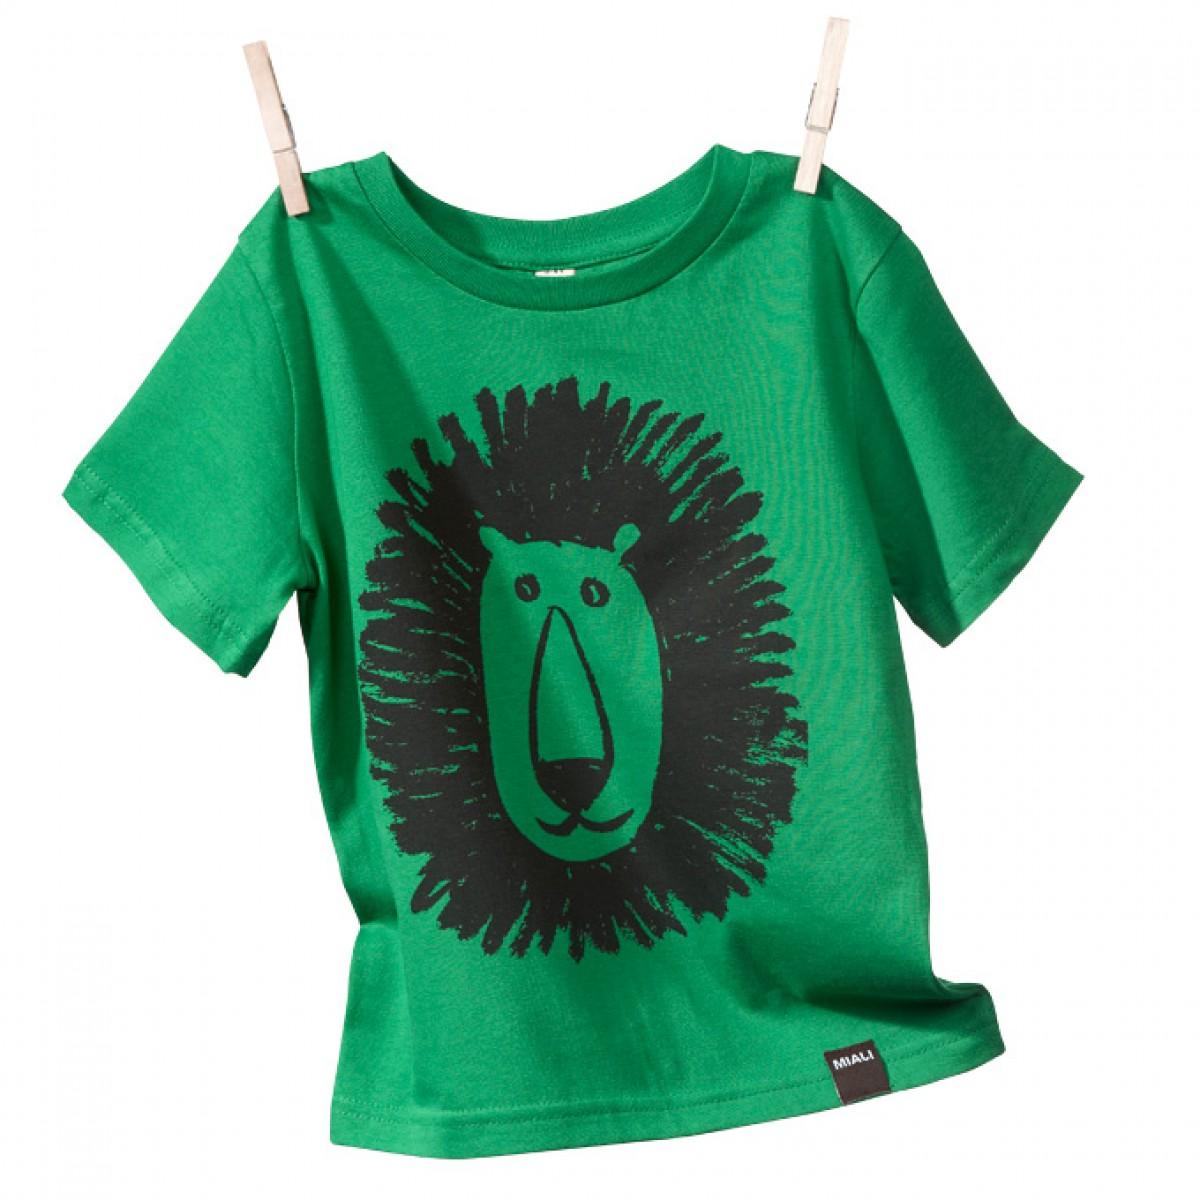 MIALI Bio-Baumwoll Shirt für Kleine / Löwe (grün)